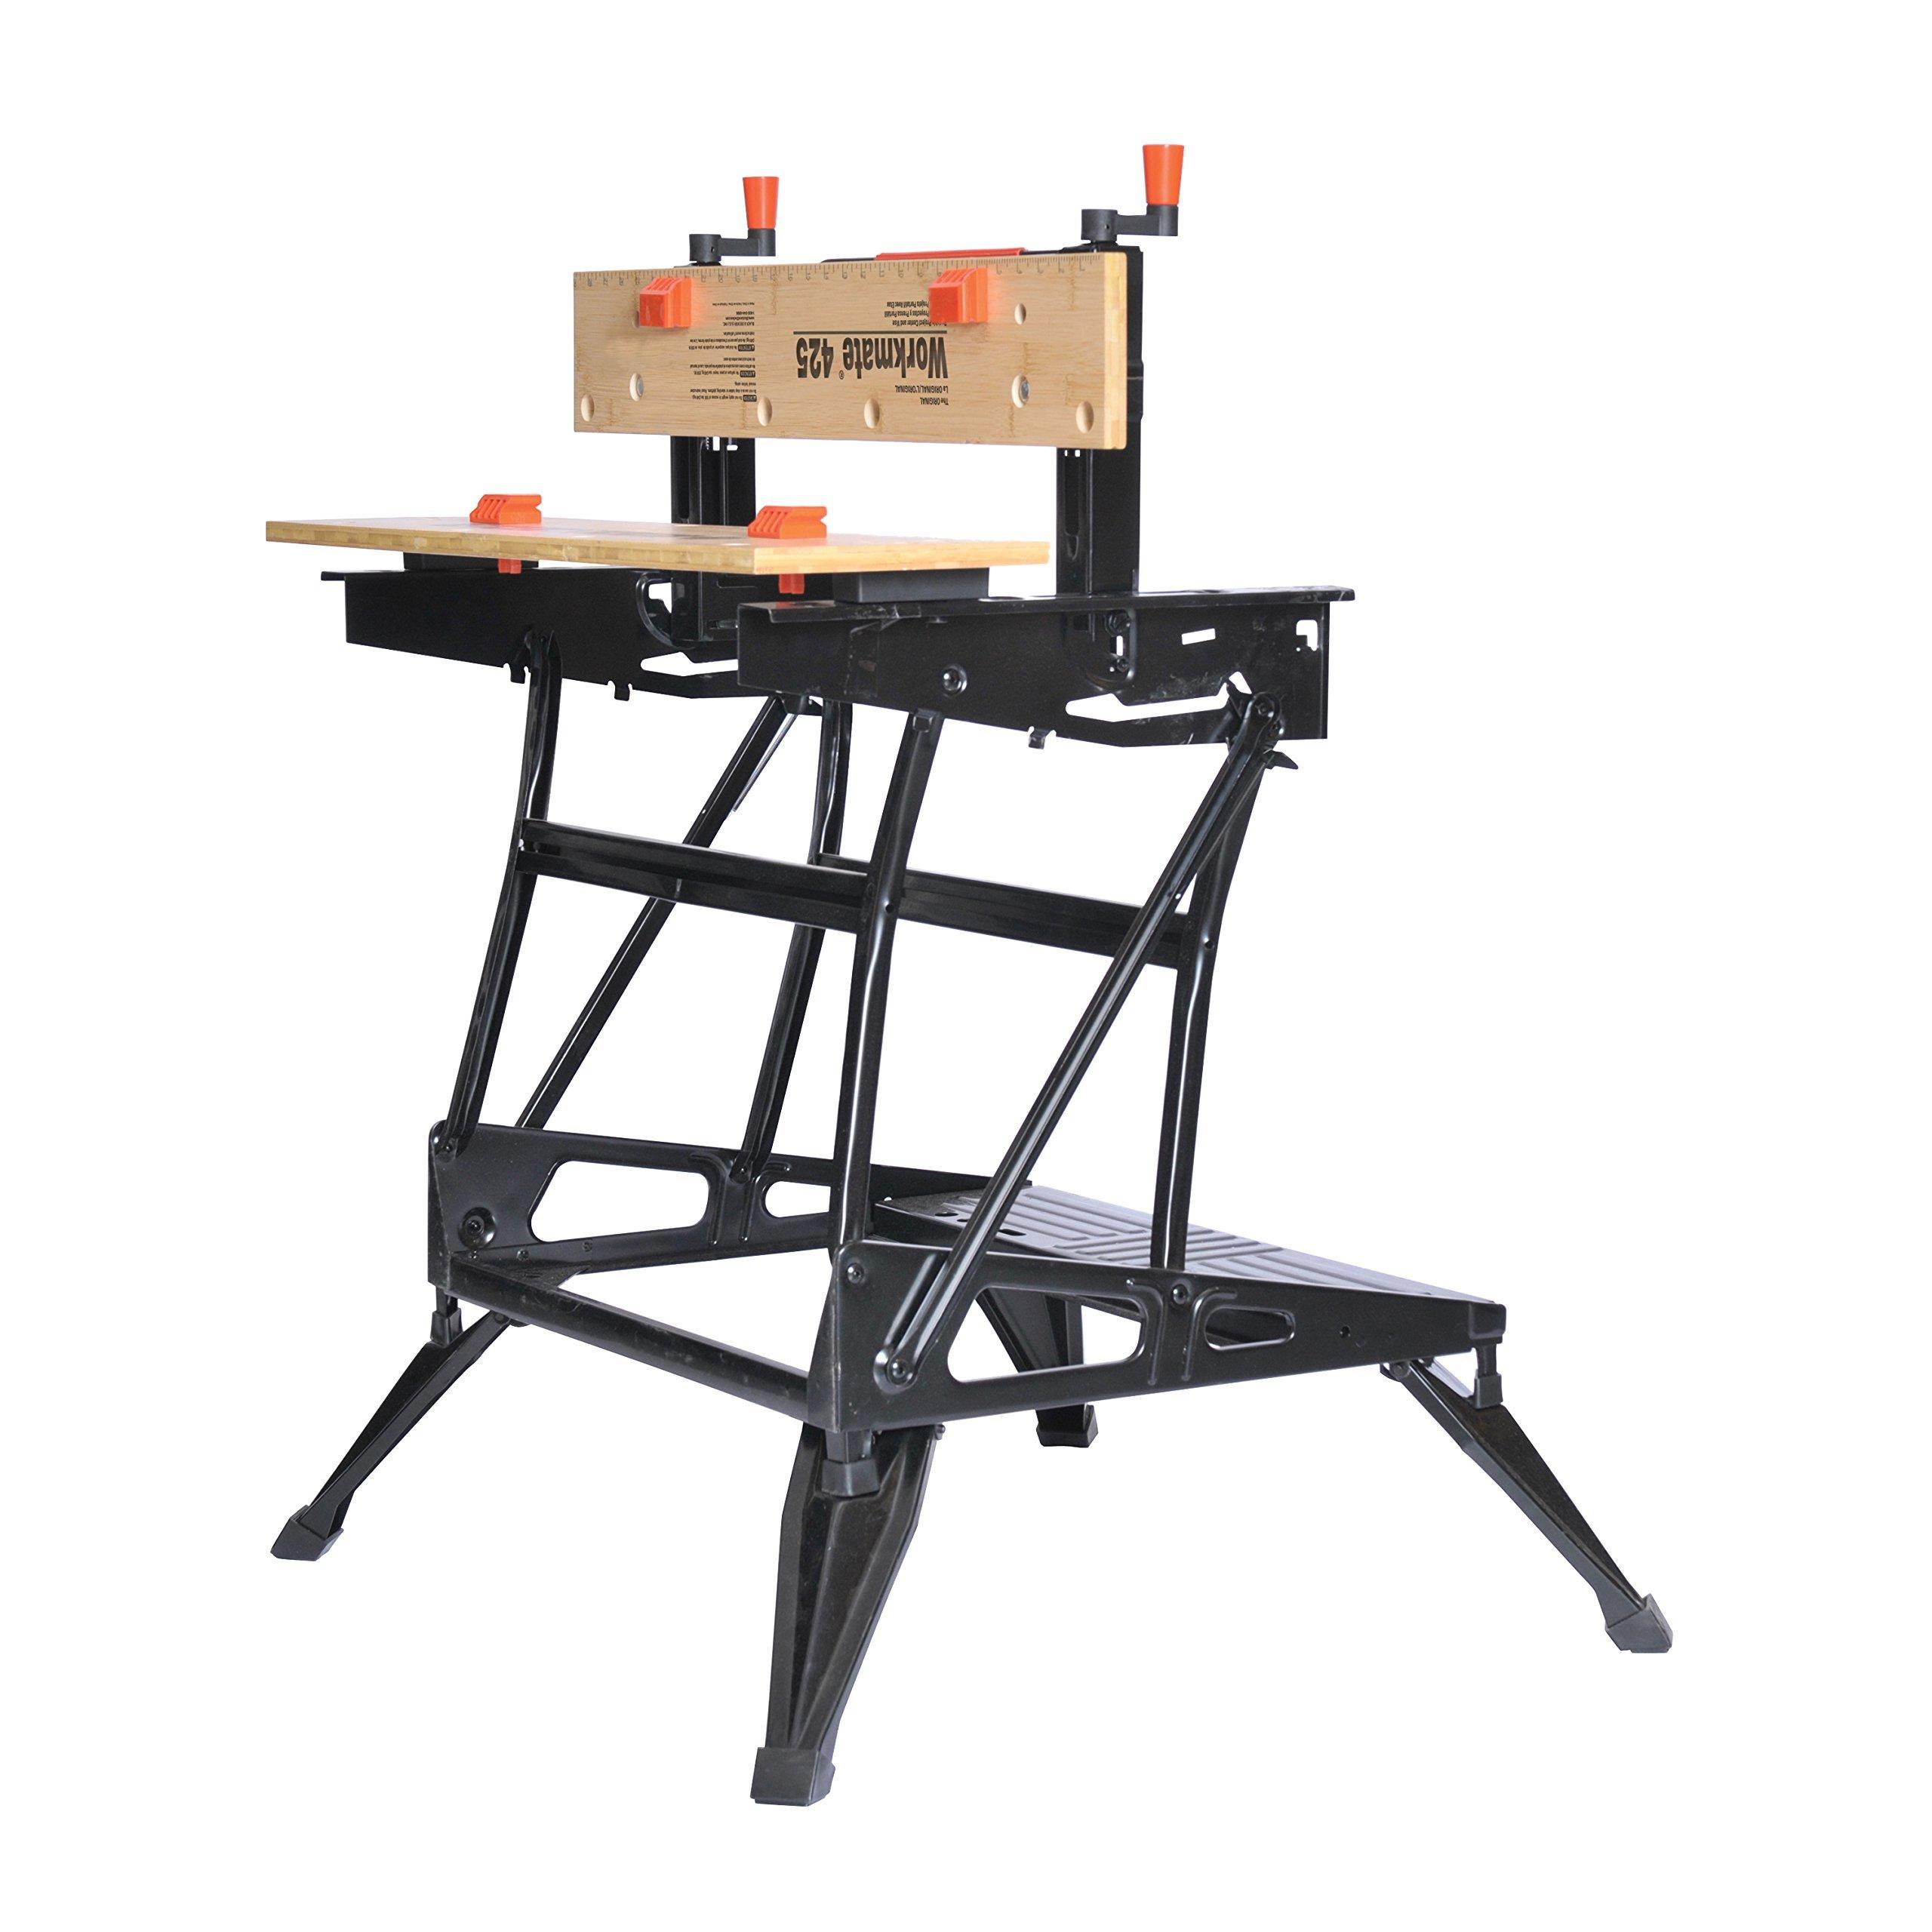 Black & Decker WM425 Workmate 425 550-Pound Capacity ...